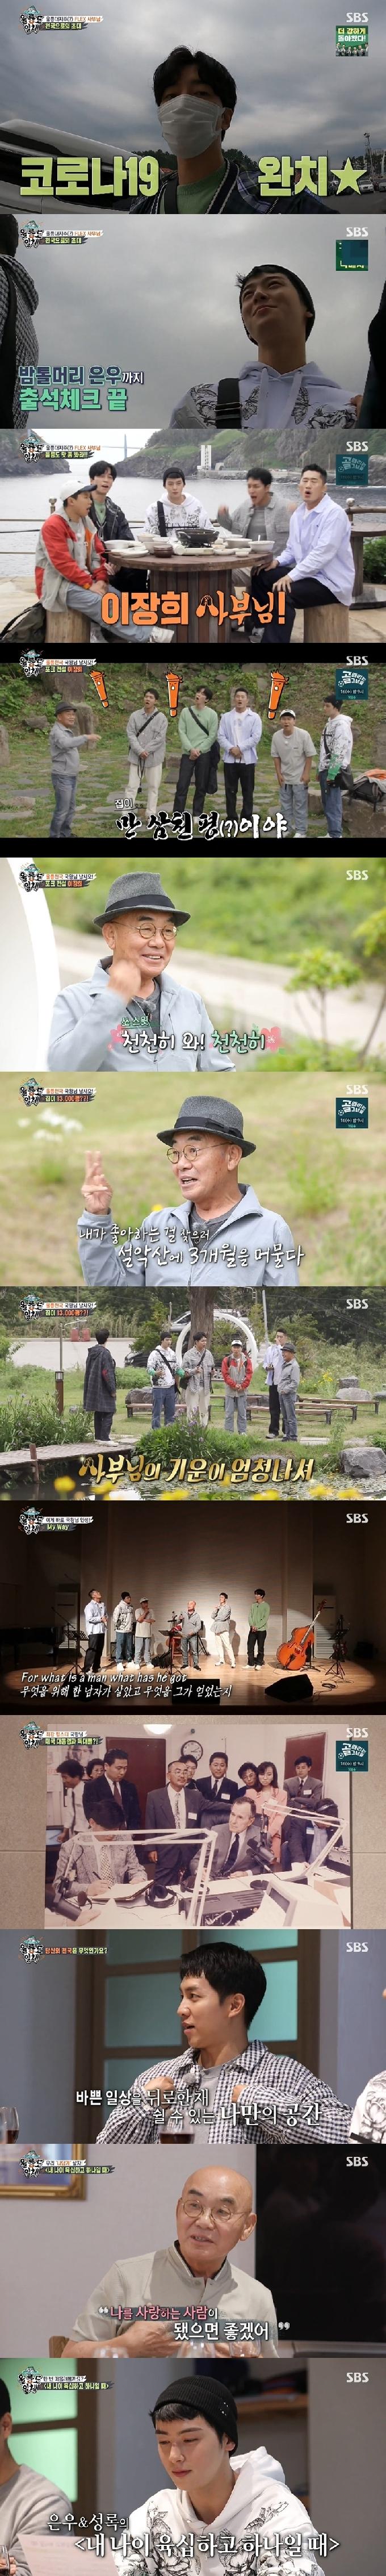 '집사부' 이장희, 포크 전설의 '울릉천국' 공개…